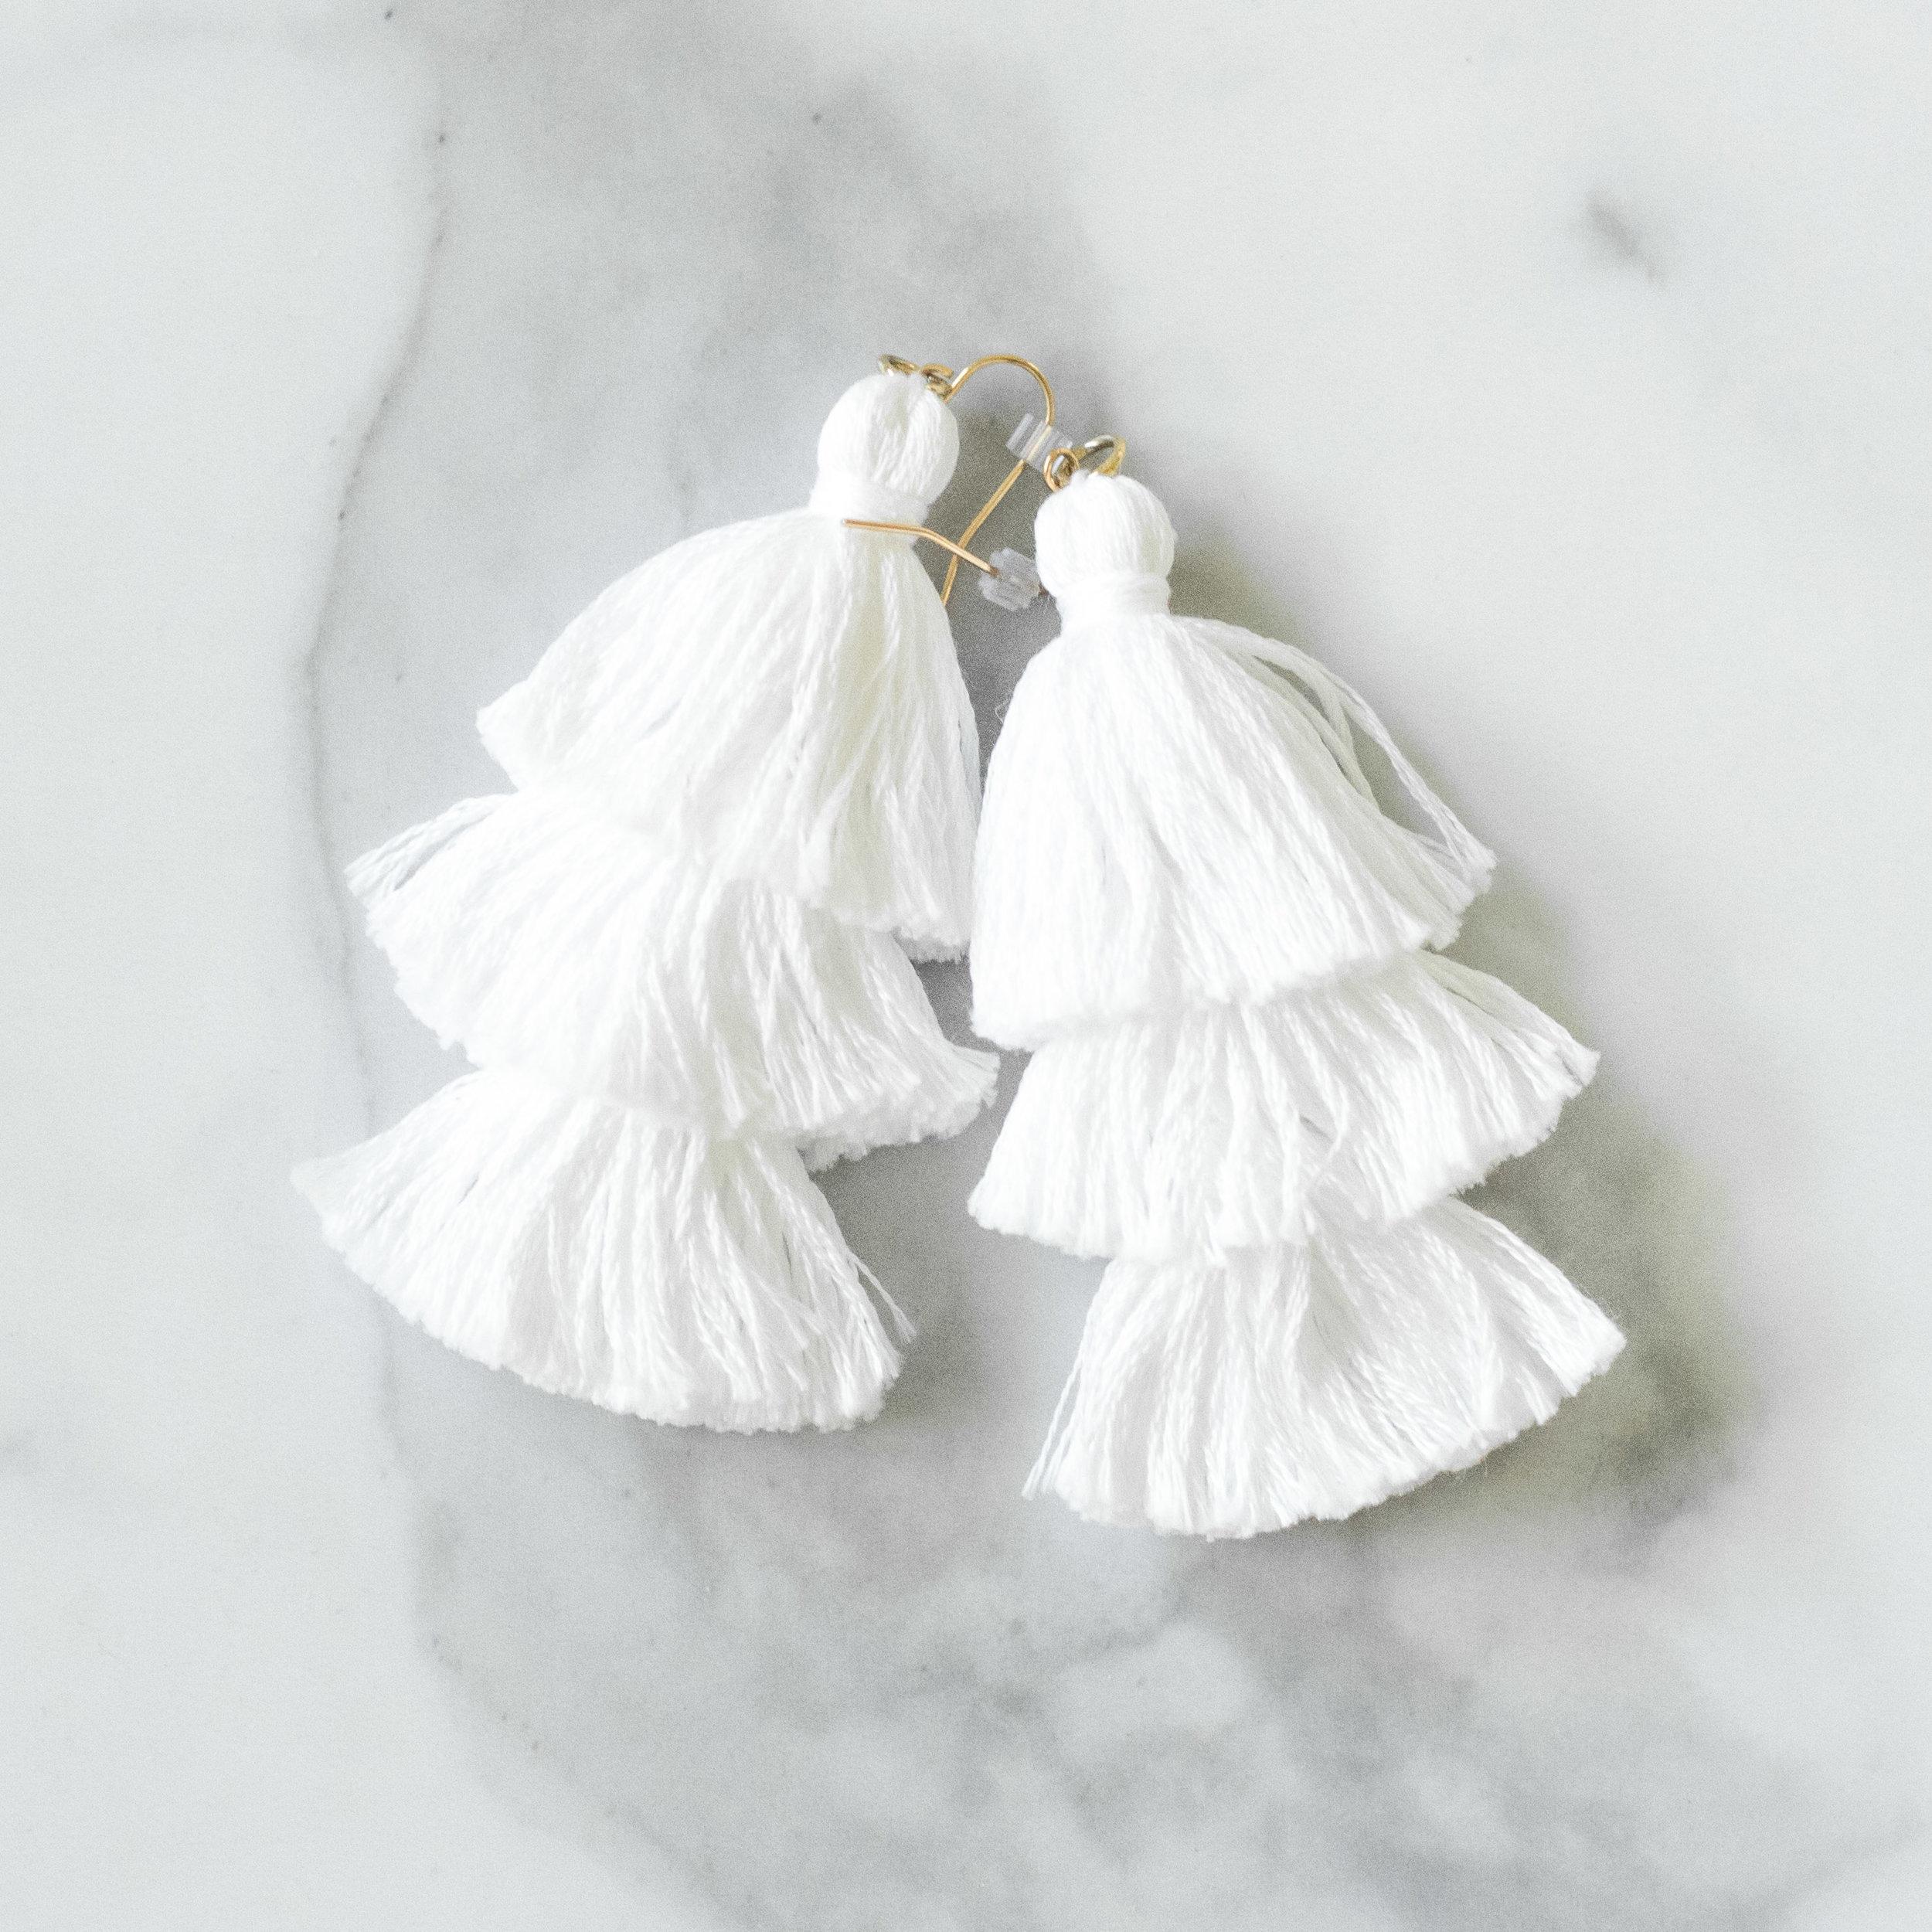 White Handmade Tassel Earrings | Demure Fashion Blog